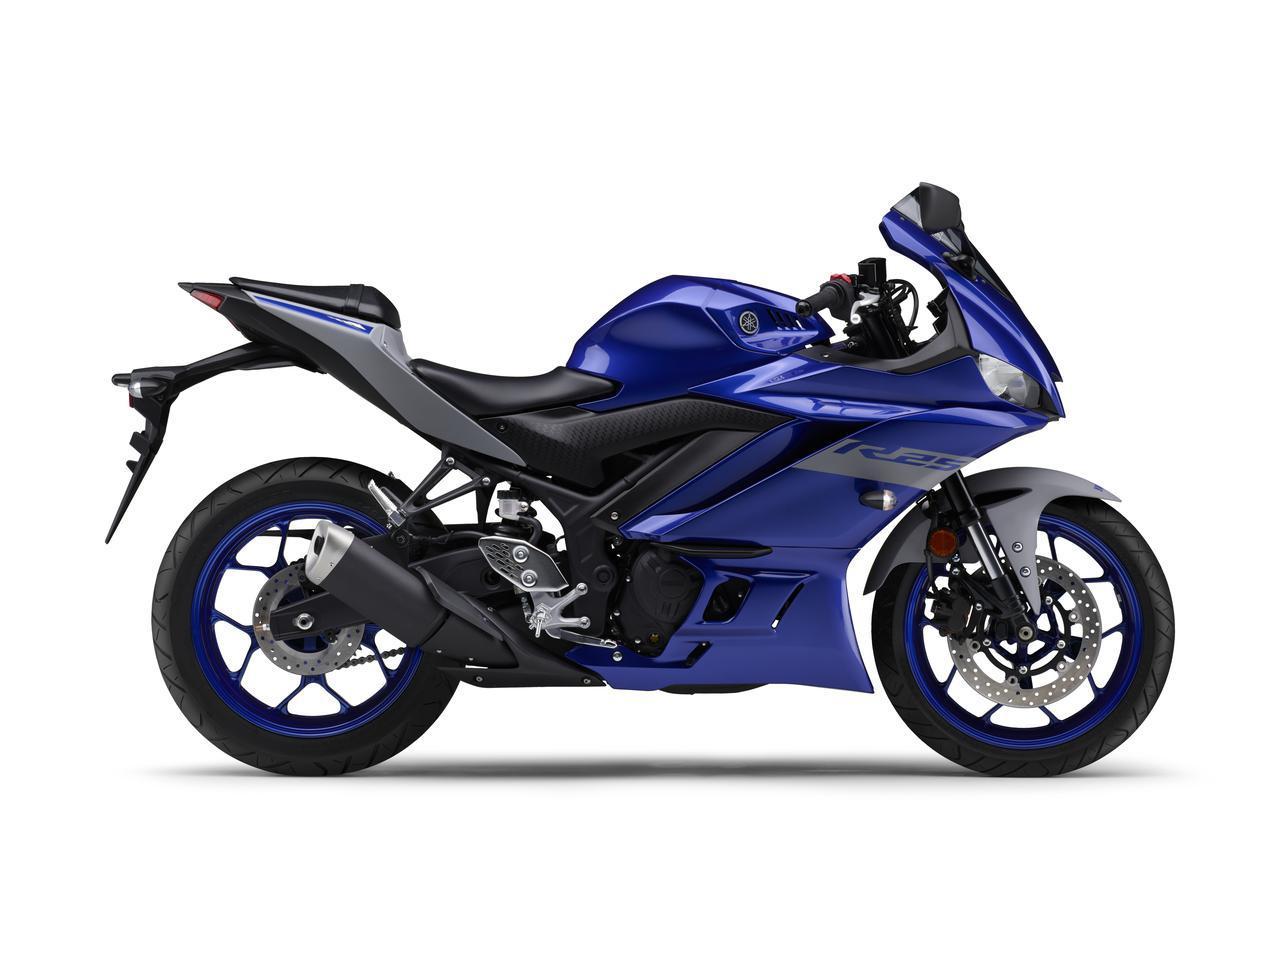 画像27: ヤマハ「YZF-R25/ABS」「YZF-R3 ABS」の2020年モデルが2月14日(金)発売! 3色展開で、すべてニューカラー!